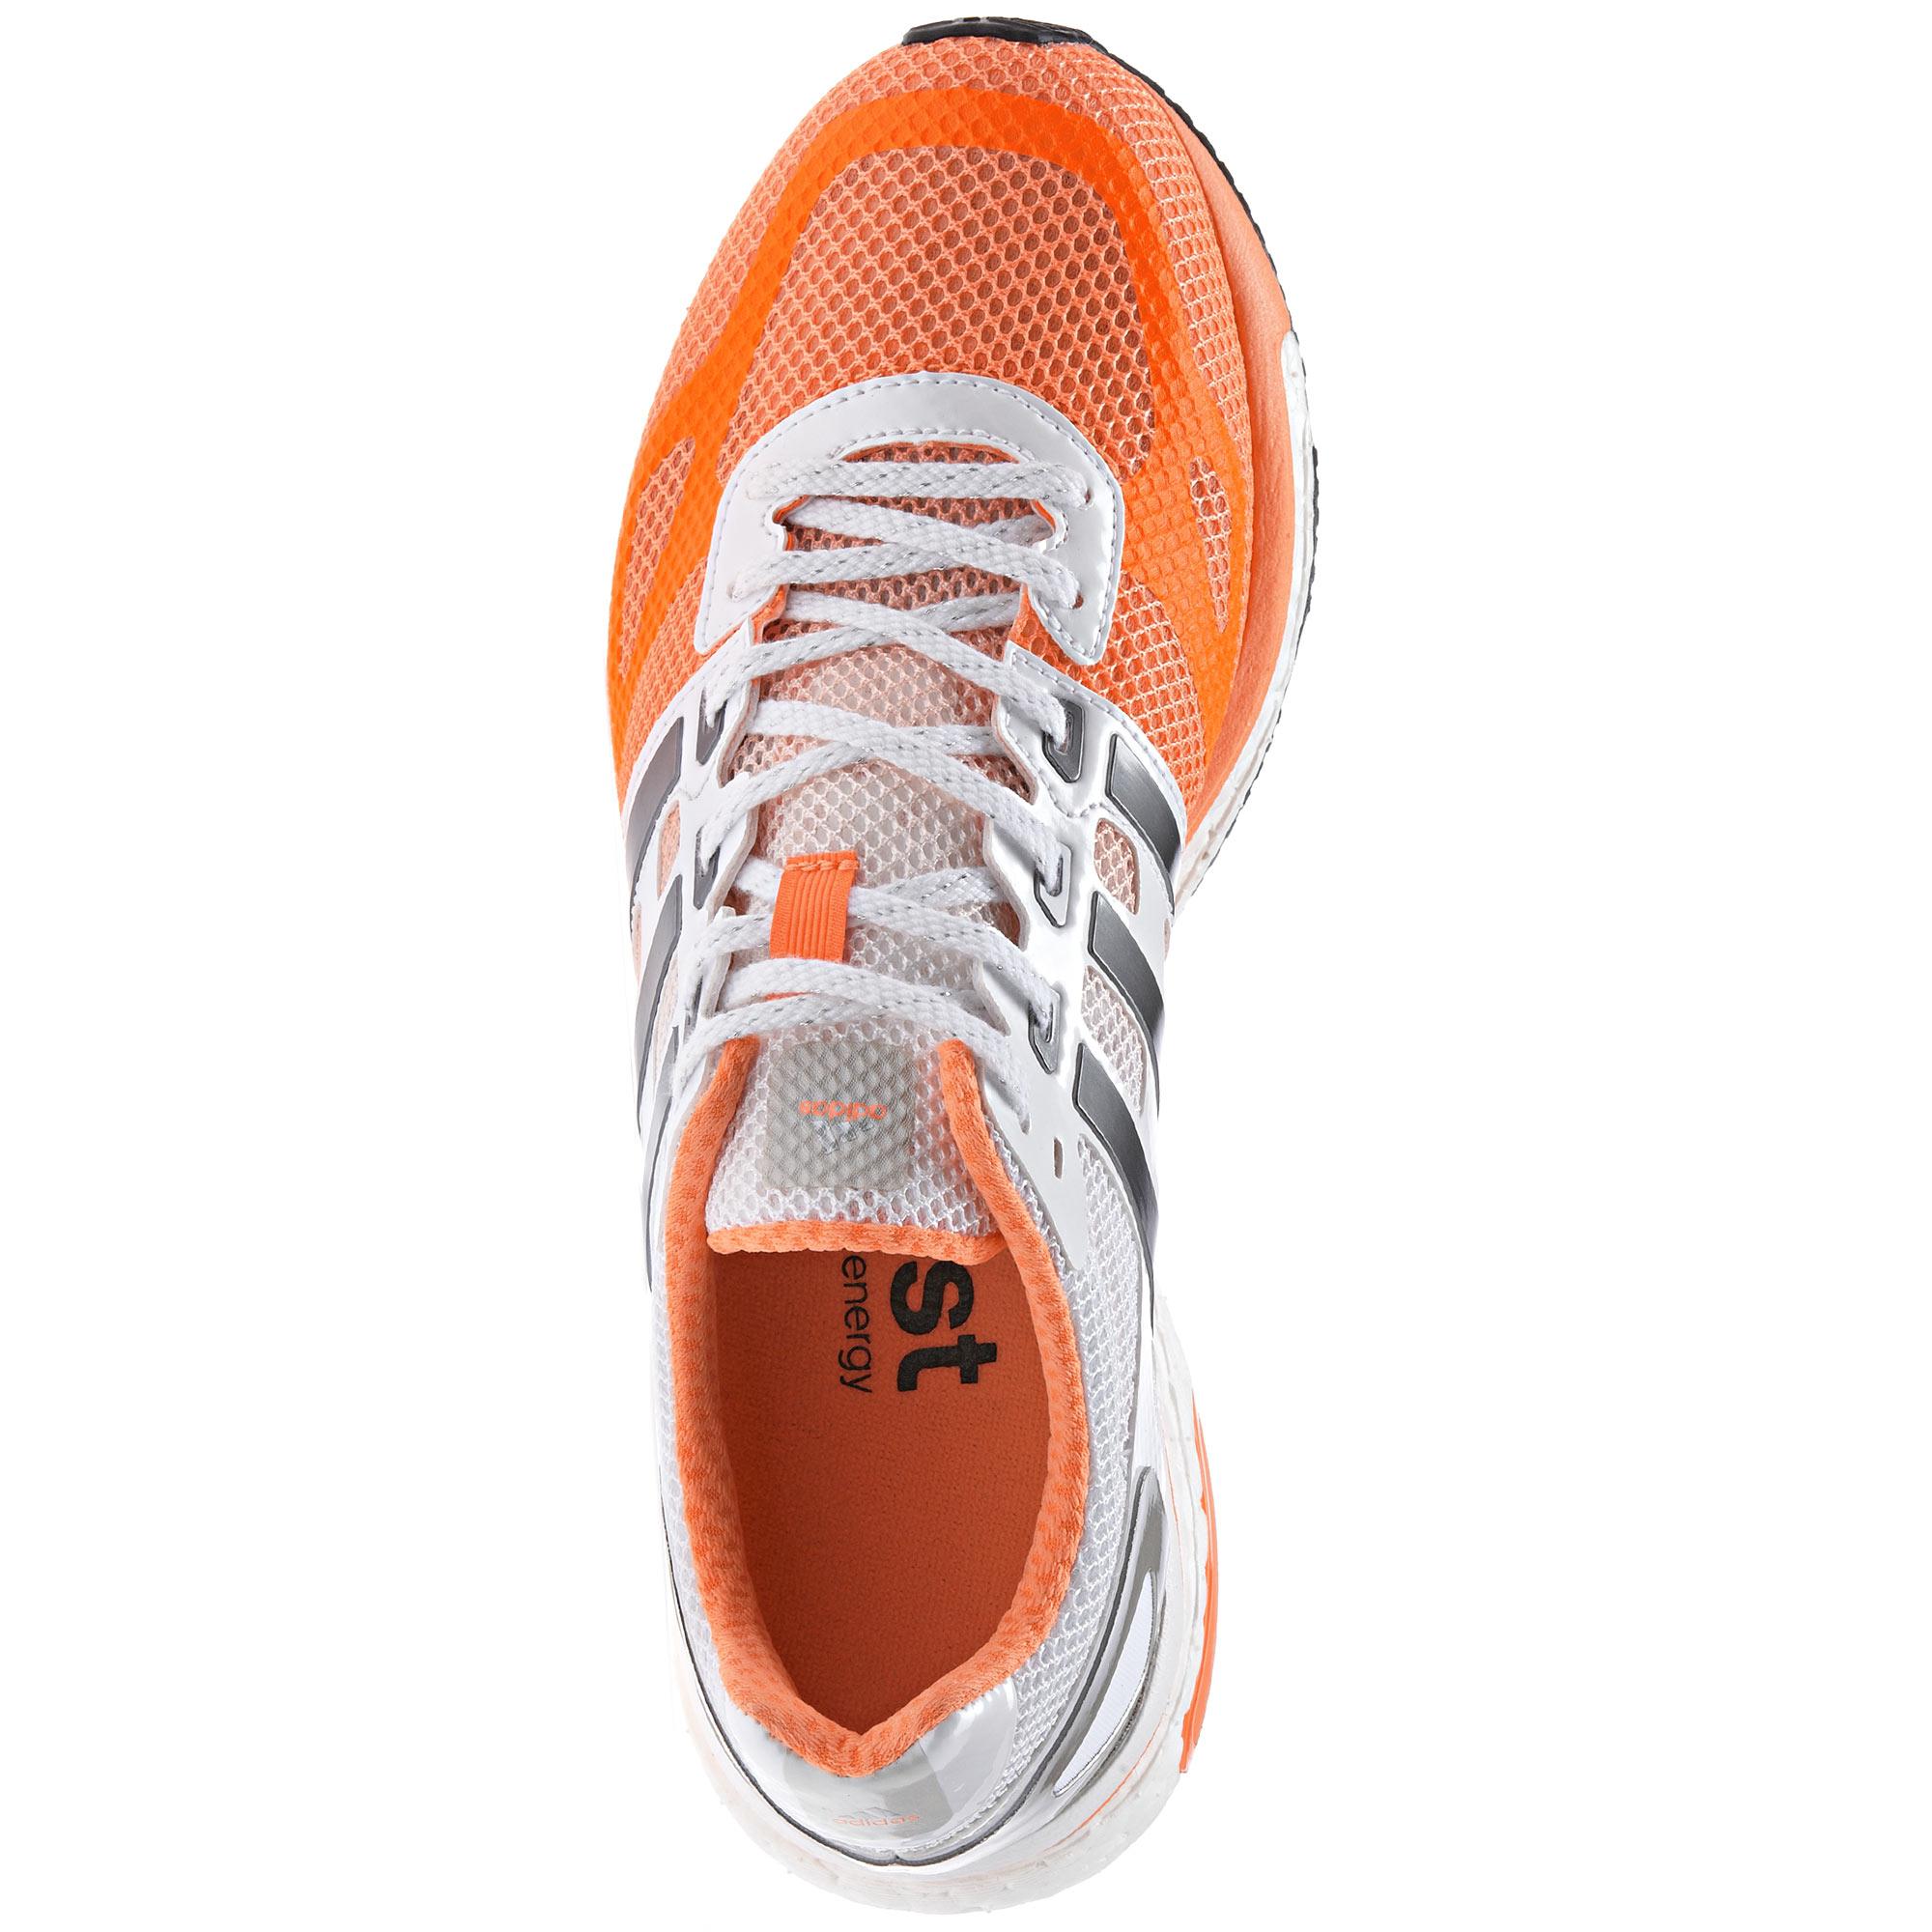 new arrival 5a7e4 e3934 Zapatillas Adidas Adizero Adios Boost Mujer Blanco Naranja